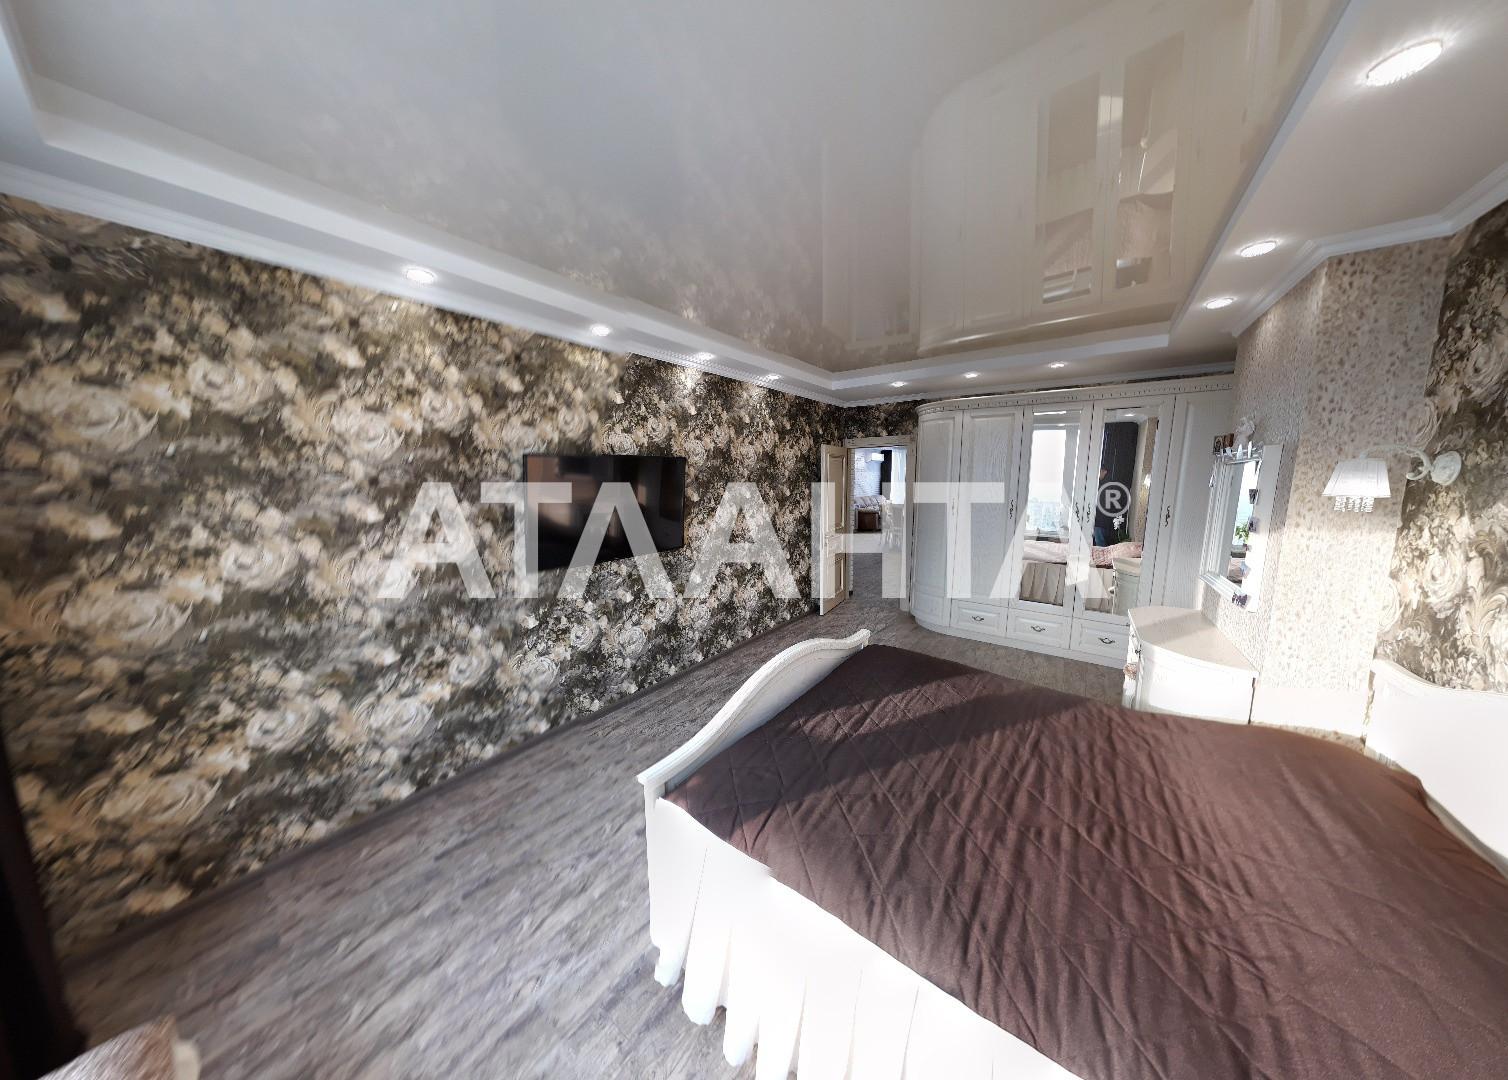 Продается 3-комнатная Квартира на ул. Конева — 165 000 у.е. (фото №12)